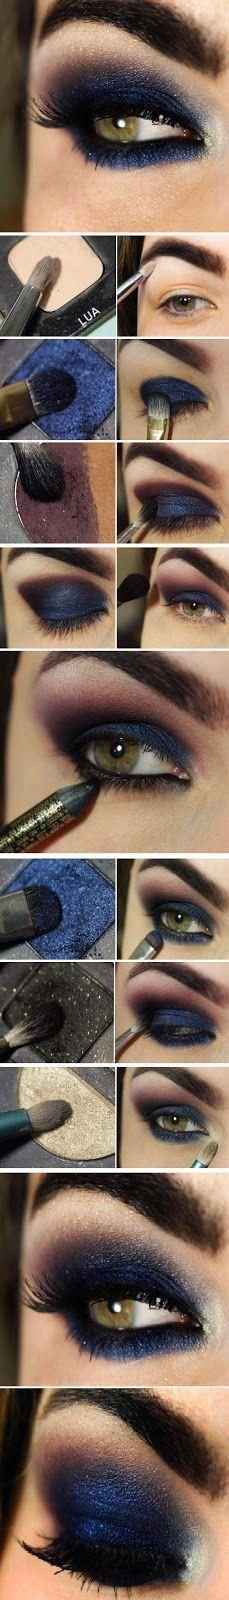 DIY Ideas Makeup : DIY Navy Blue Eye Makeup makeup eye shadow how to diy makeup eye makeup eye liner makeup tutorials eye makeup tutorials